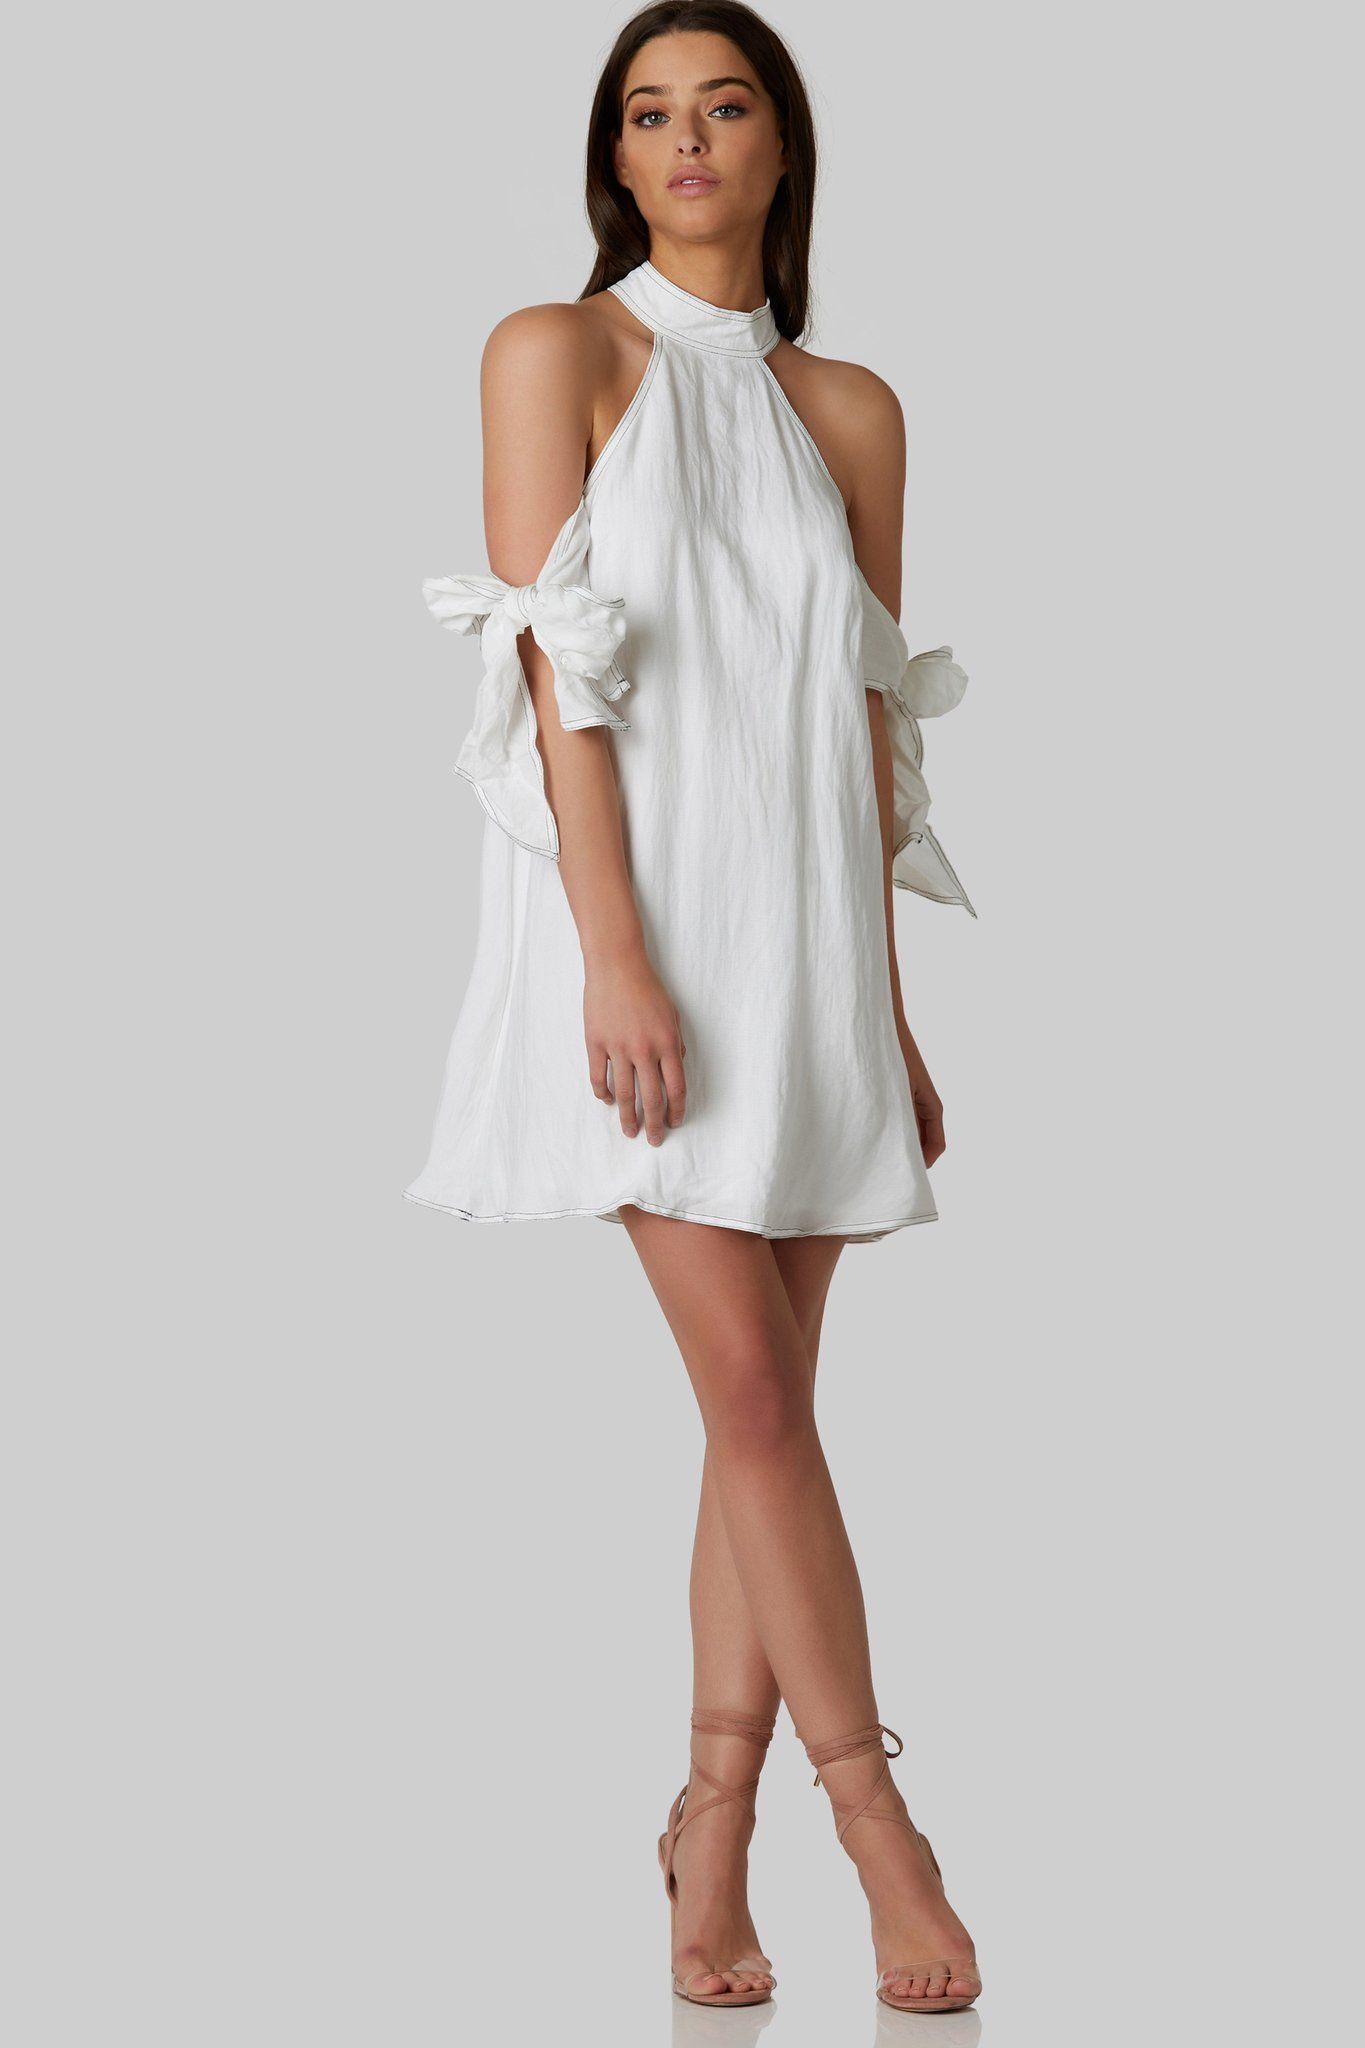 White Shoulder Off Dress Dresses Brunch Dress Nice Dresses